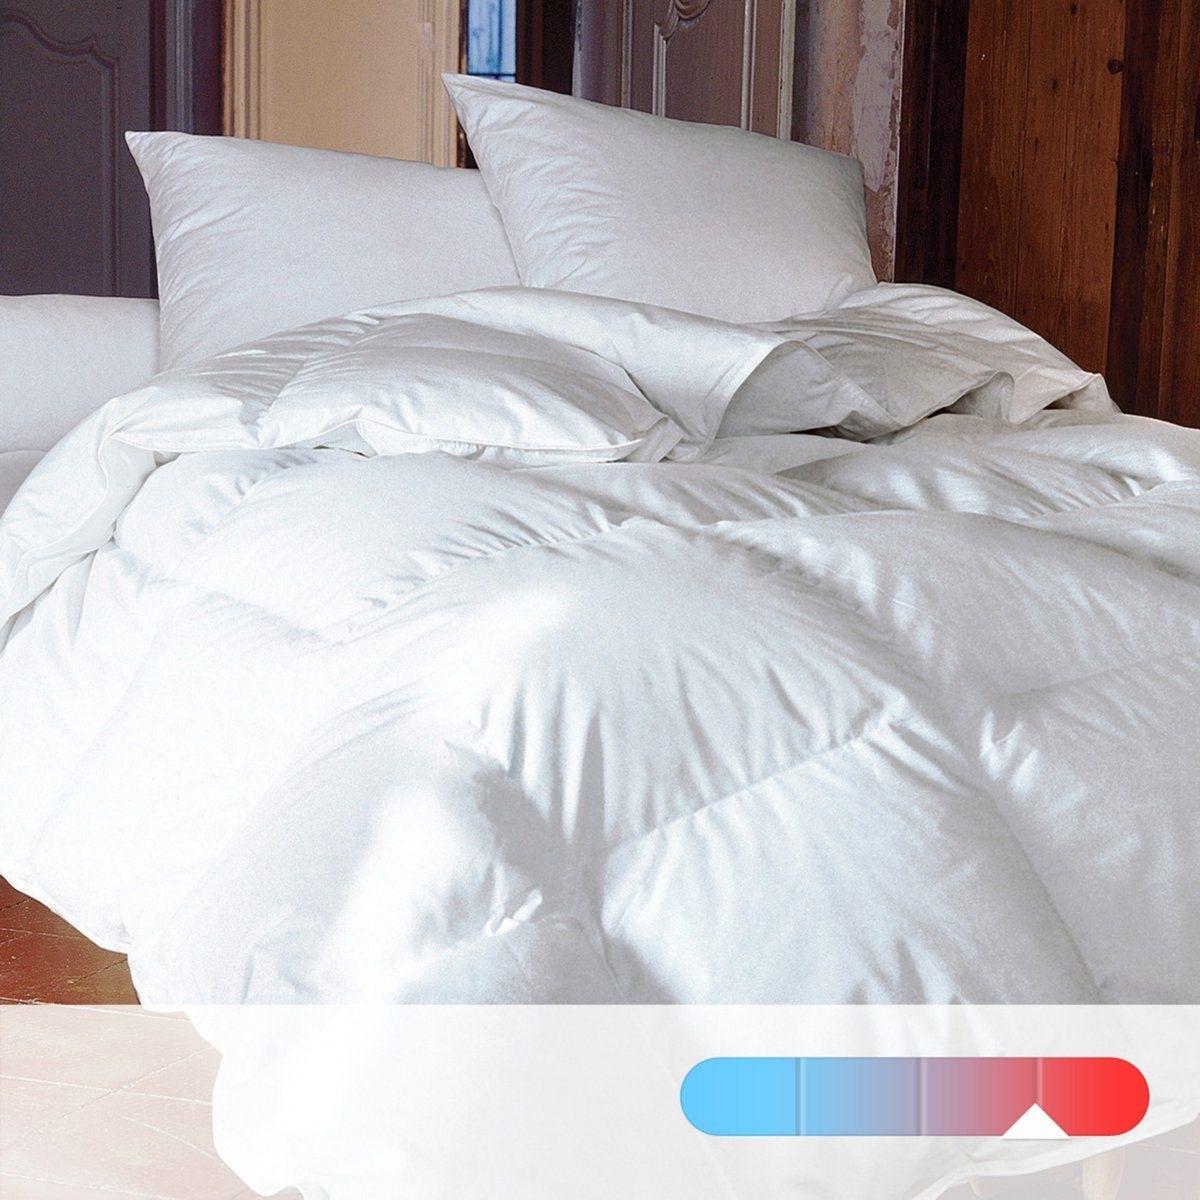 Одеяло натуральное для комфортного сна. Очень теплое: 70% пуха, 30% перьев.Одеяло натуральное для комфортного сна valeur s?re : мягкое и удобное! Покрытие: Превосходная тонкая перкаль из лёгкого 100% хлопка.Наполнитель: 100% натуральный, настоящий пух молодой утки. Очень теплое: 70% пуха, 30% перьев. 280 г/м?. Прострочка: квадратами. Отделка кантом, двойной усиленный стежок.Стирка при 40°.Доставка в чемоданчике для хранения.Гарантия– 2 года.<br><br>Цвет: белый